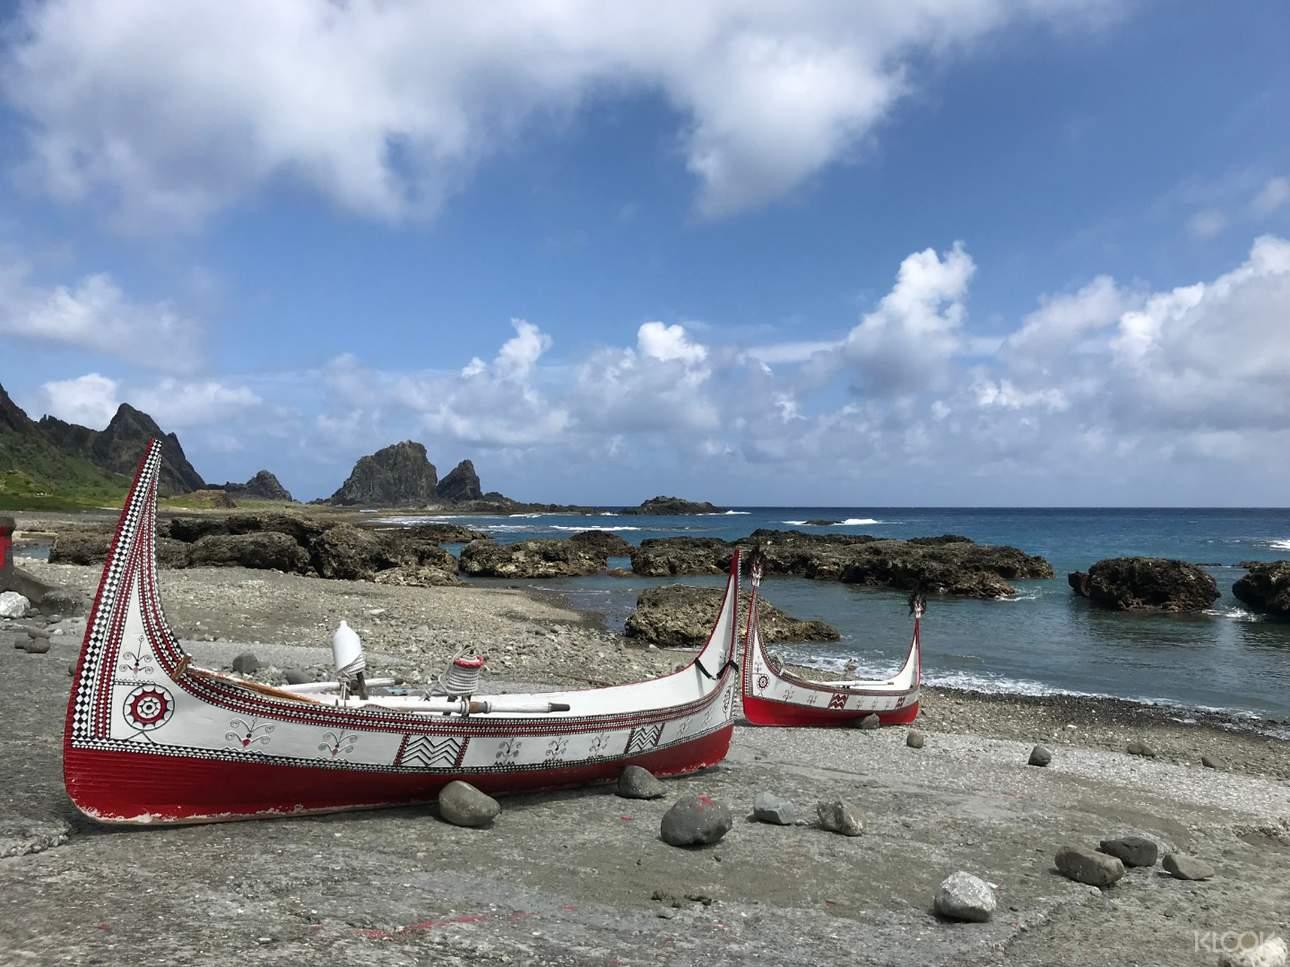 拼板舟以島上多種木材製成,展現蘭嶼人豐富的自然知識與工藝技術